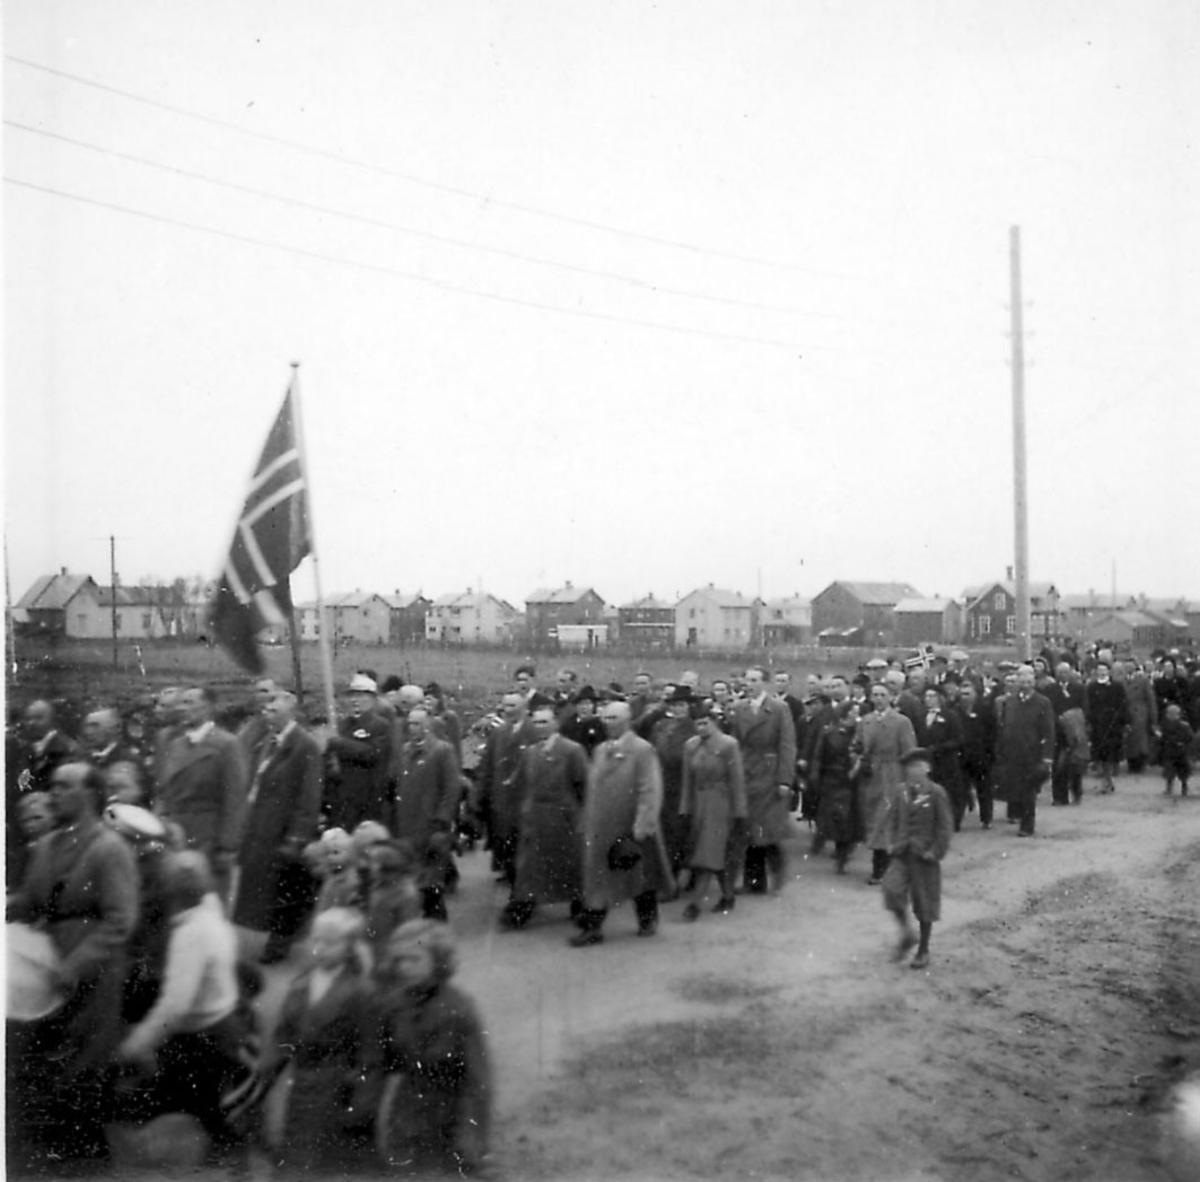 Frigjøringsdagene i Bodø etter krigen 1940 - 1945. Mange personer som går i tog, mange flagg.